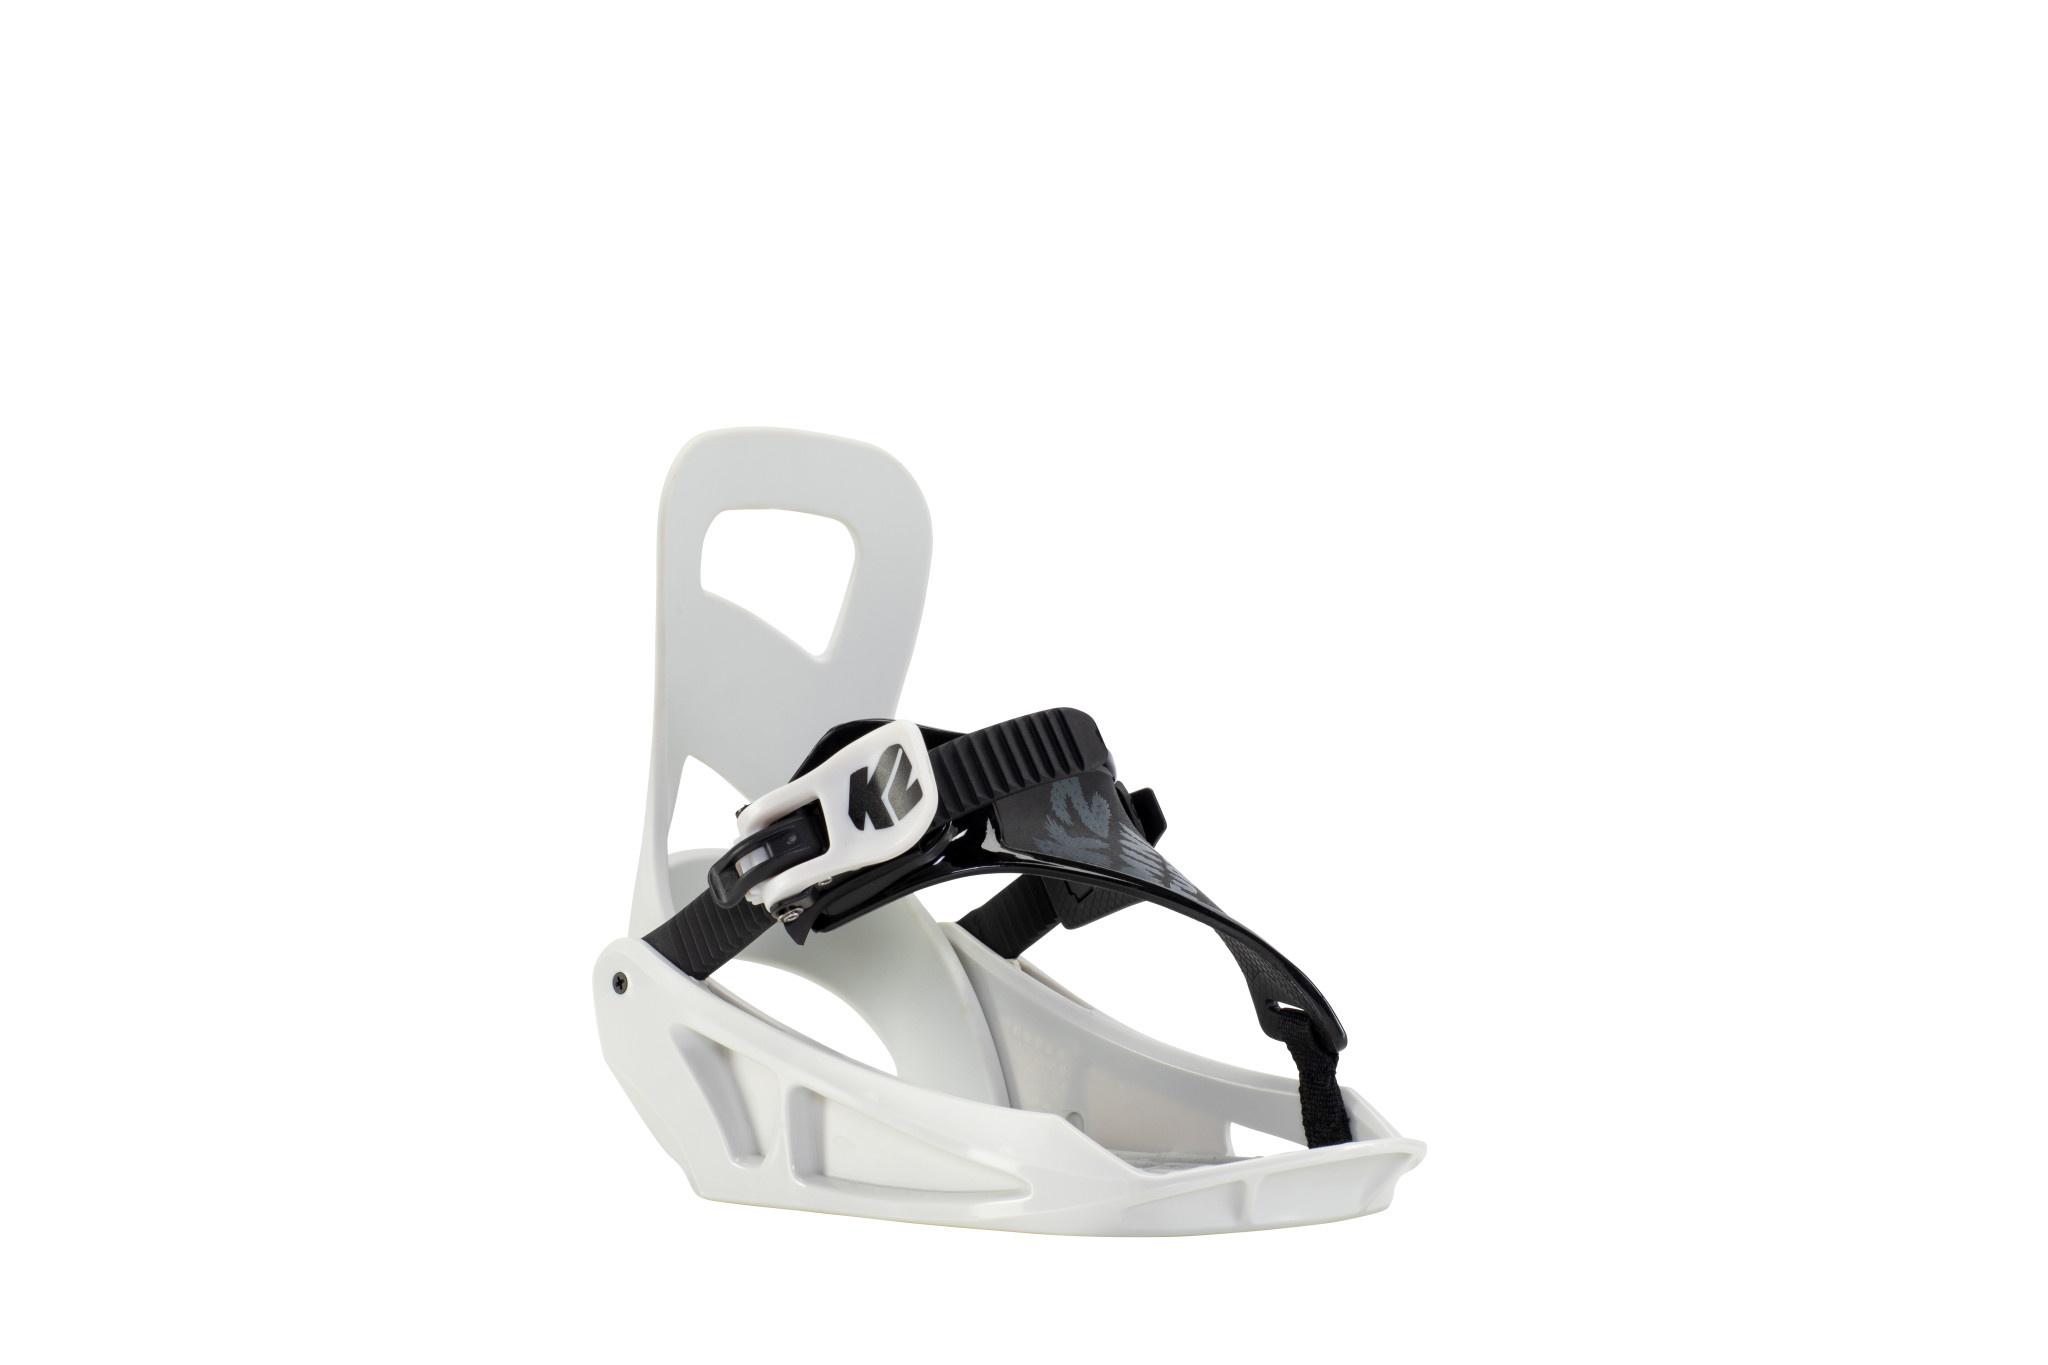 K2 K2 Youth Mini Turbo Snowboard Binding (2021)